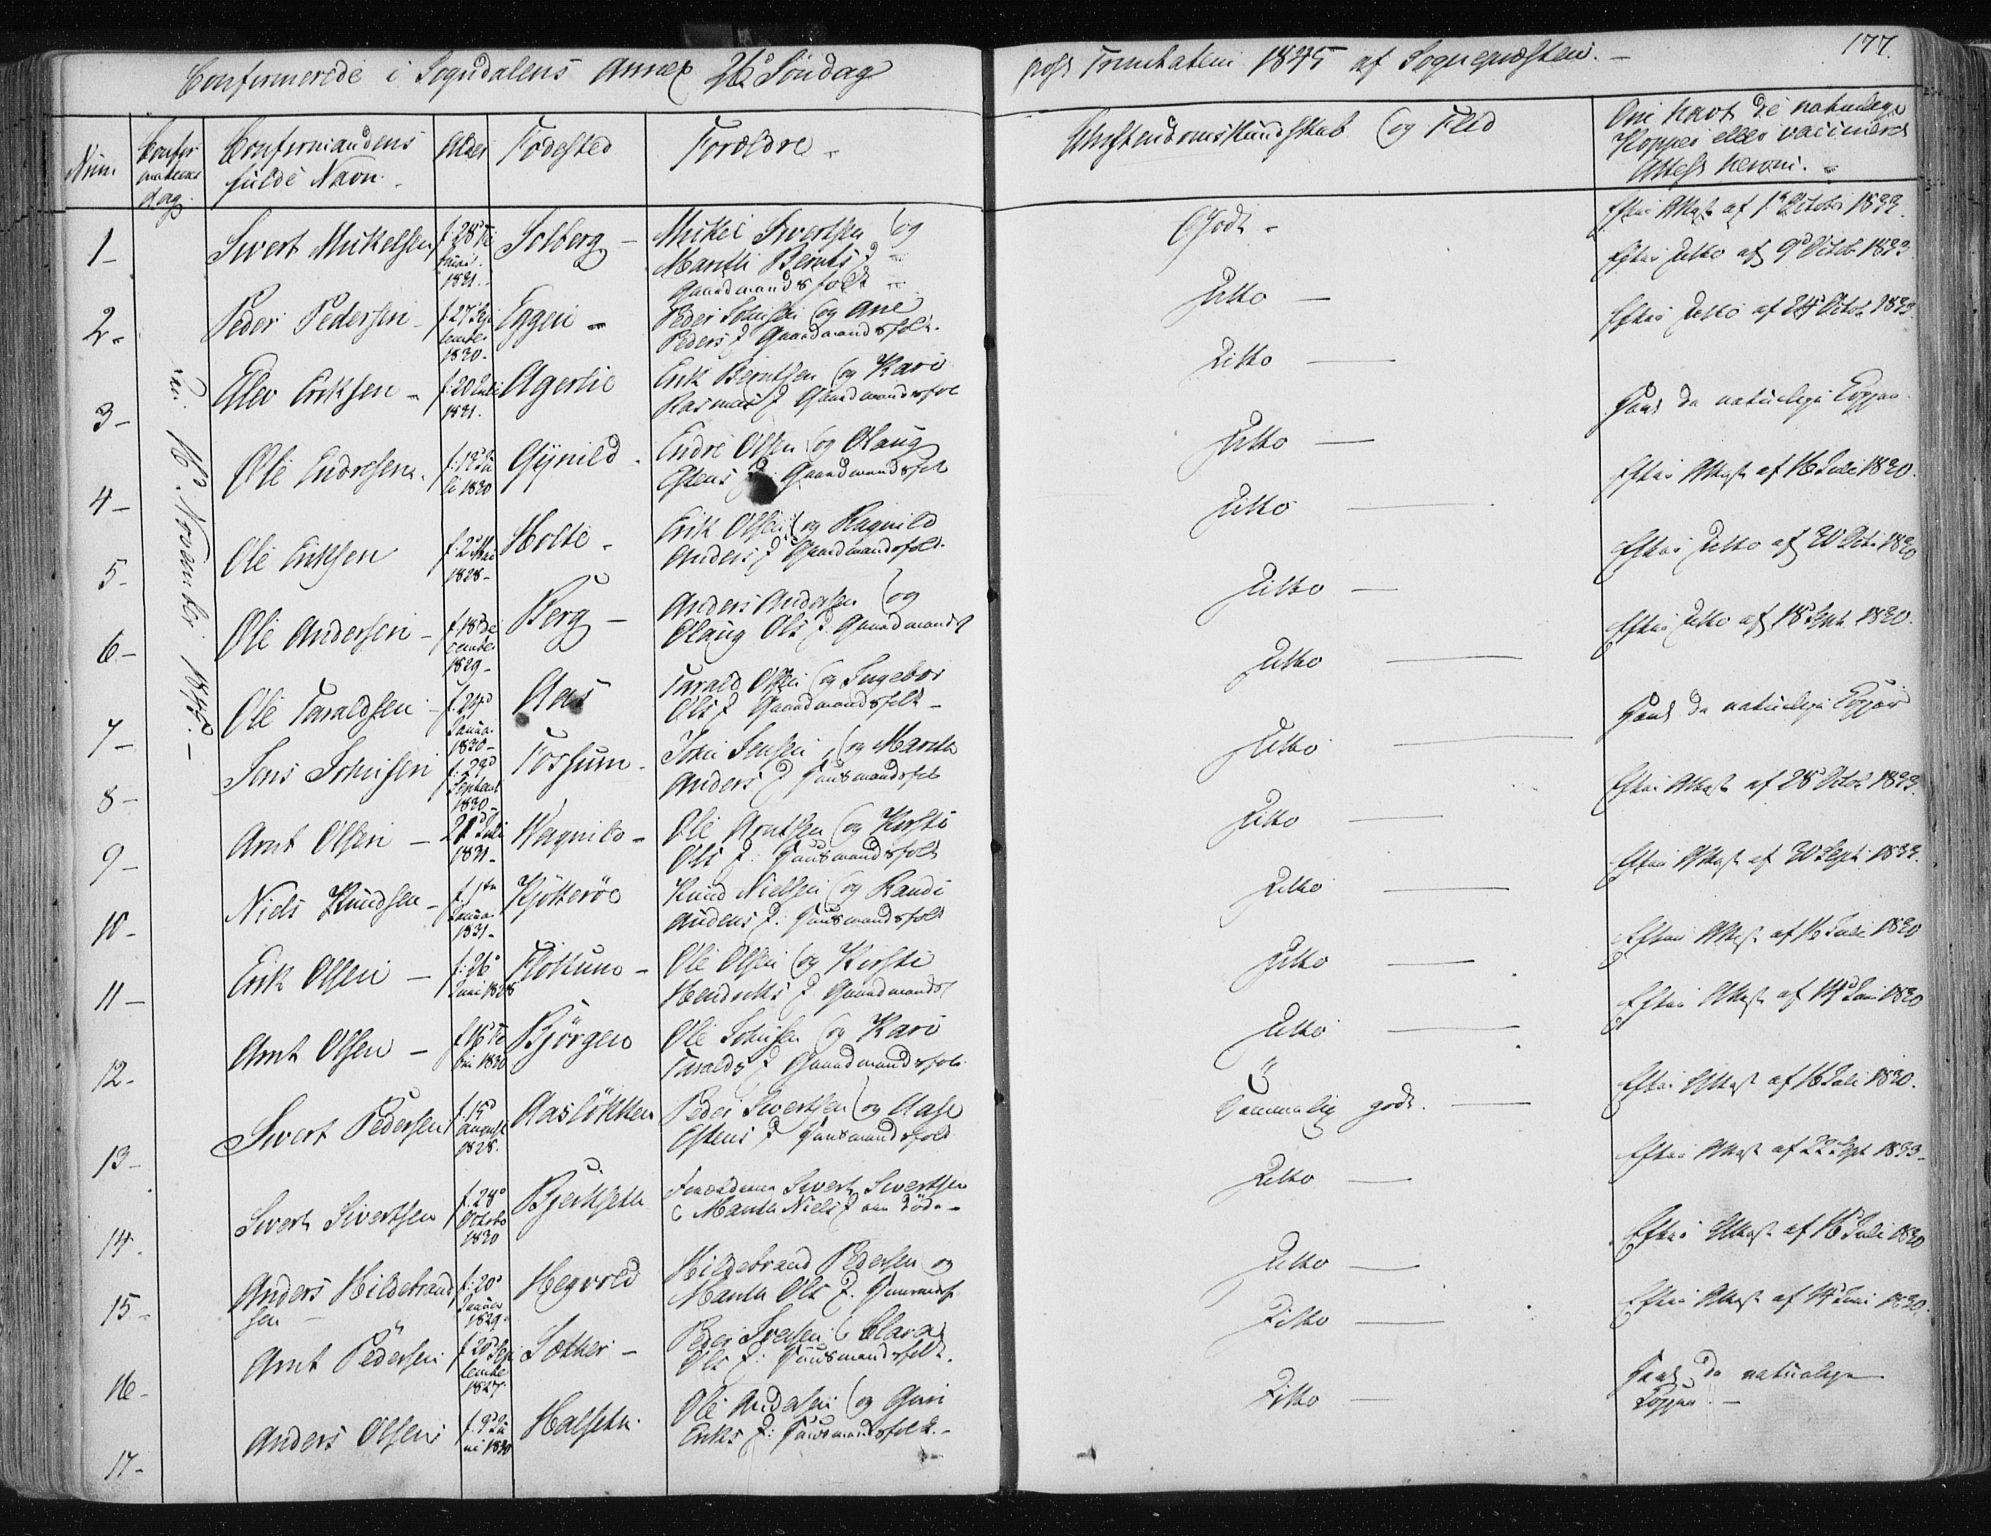 SAT, Ministerialprotokoller, klokkerbøker og fødselsregistre - Sør-Trøndelag, 687/L0999: Ministerialbok nr. 687A05 /3, 1843-1848, s. 177